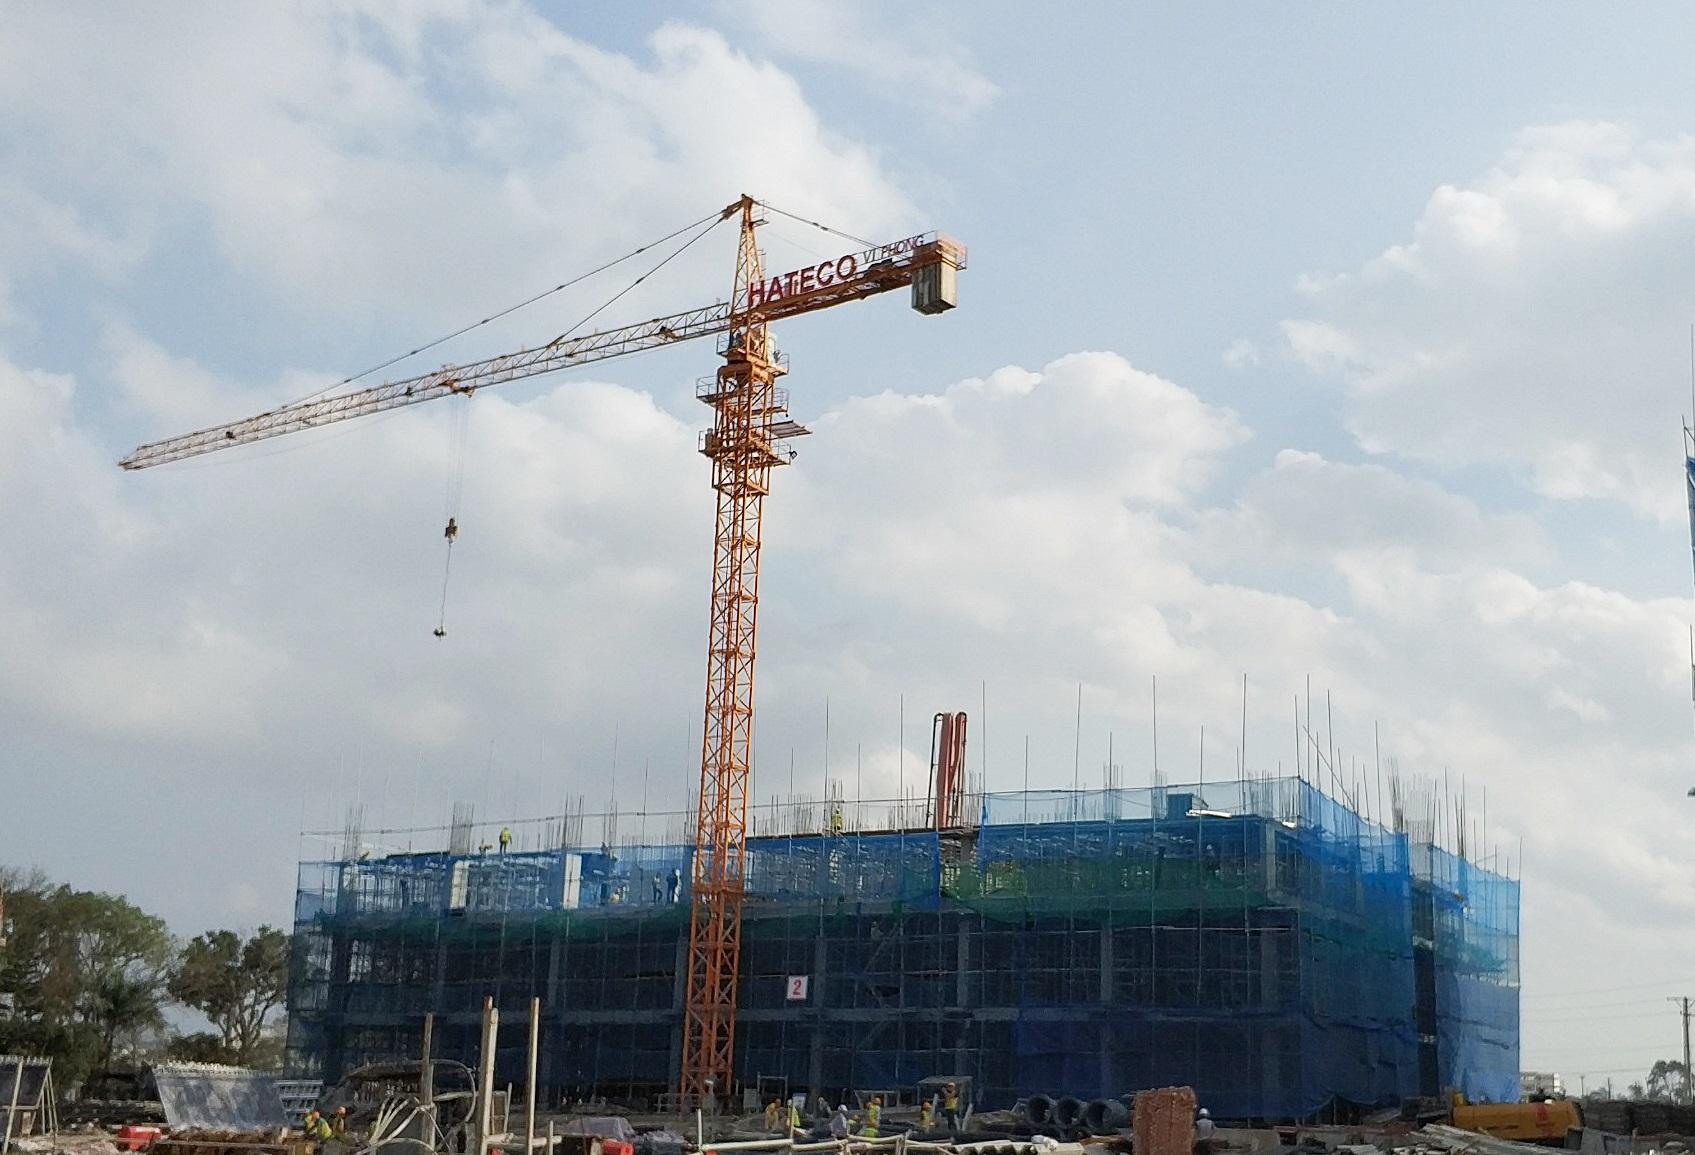 Tiến độ xây dựng Hateco Apollo tháng 01-2018